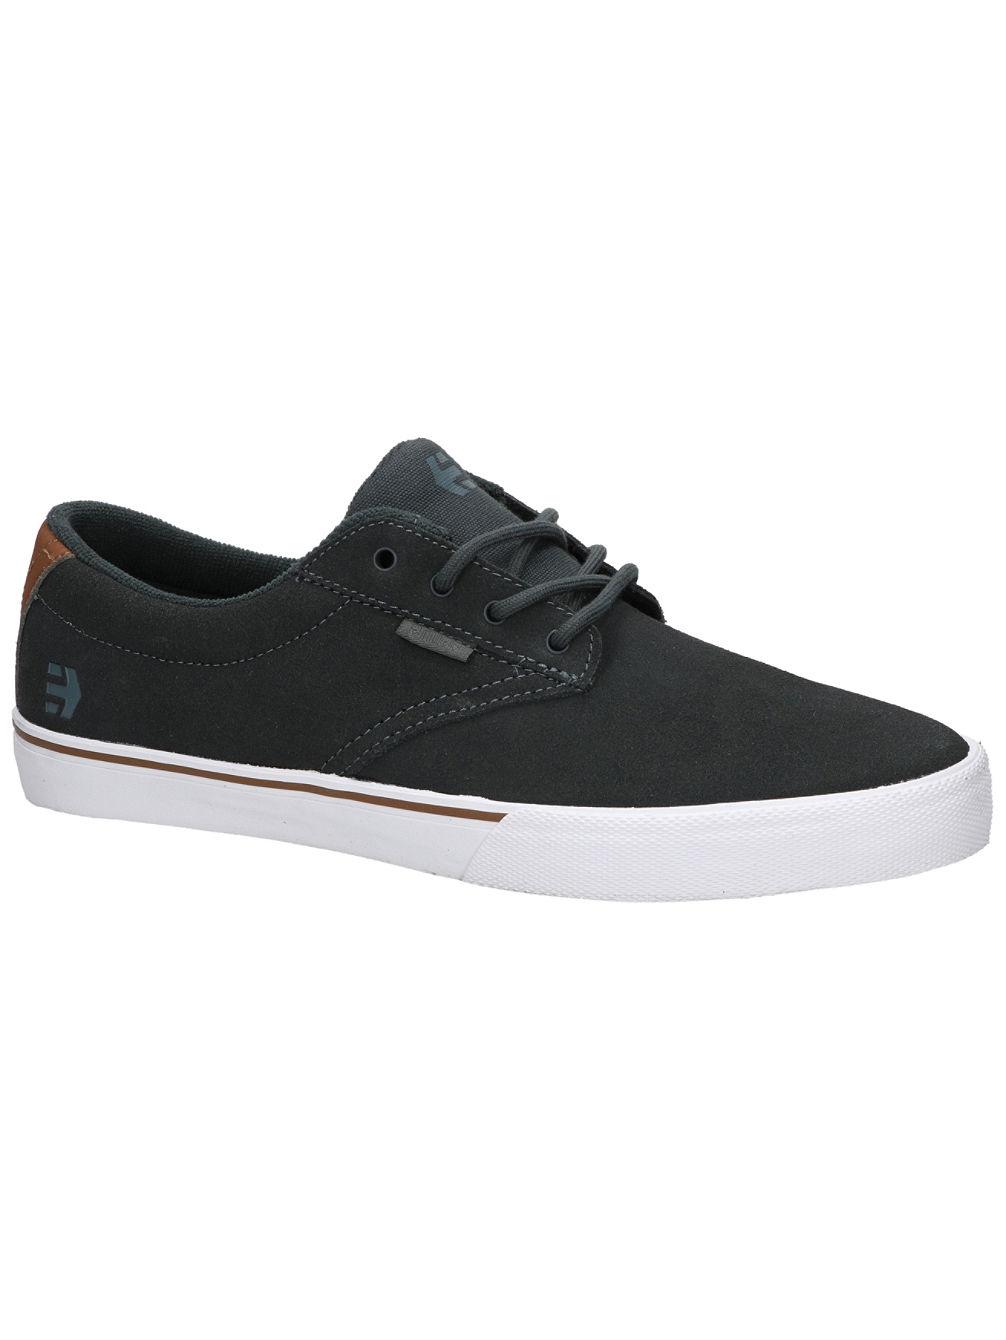 best website 65942 70c8c Jameson Vulc Skate Schuhe